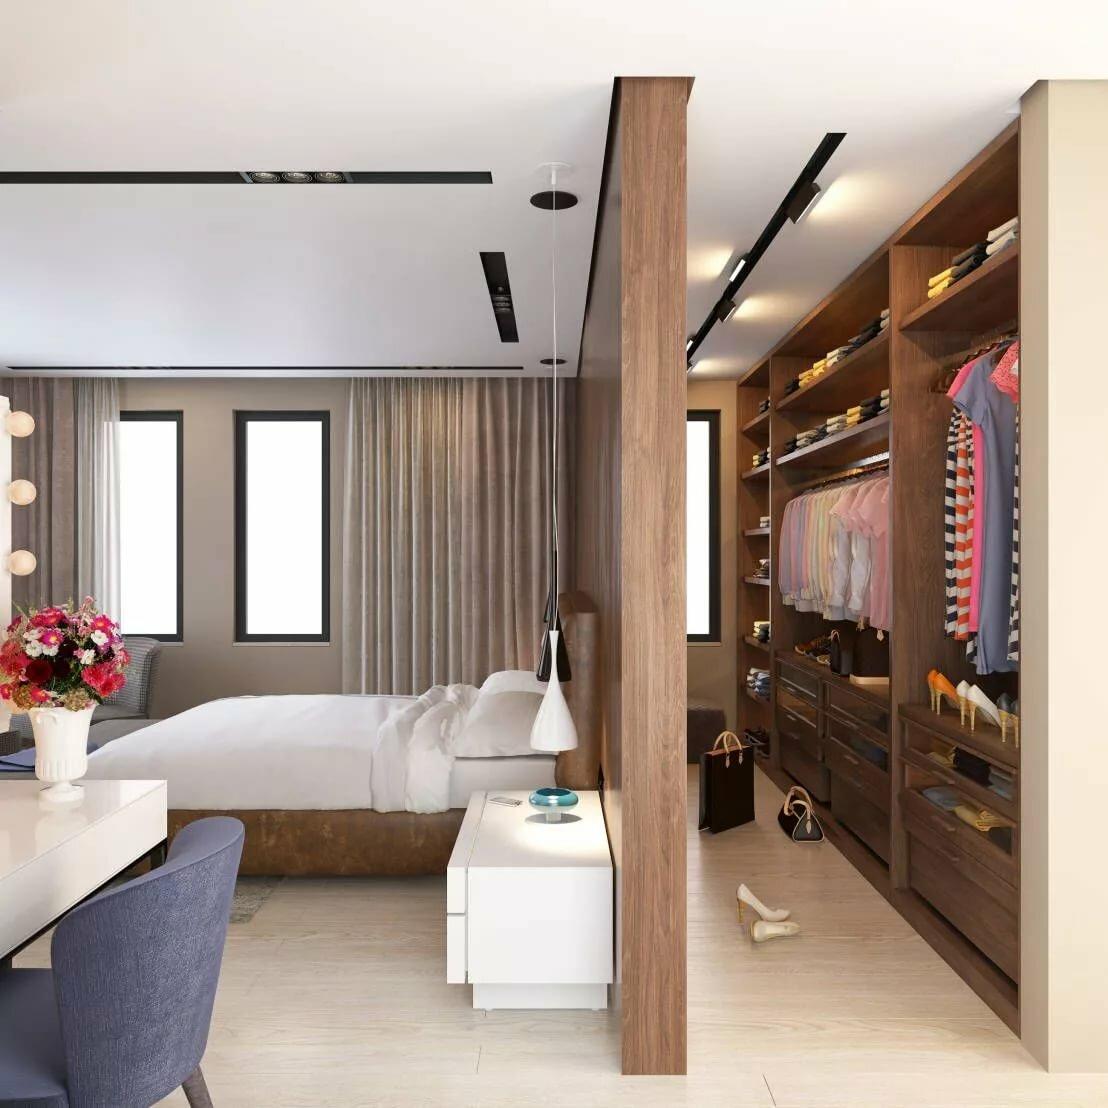 Квартира в стиле хай тек: 75 современных решений в фото